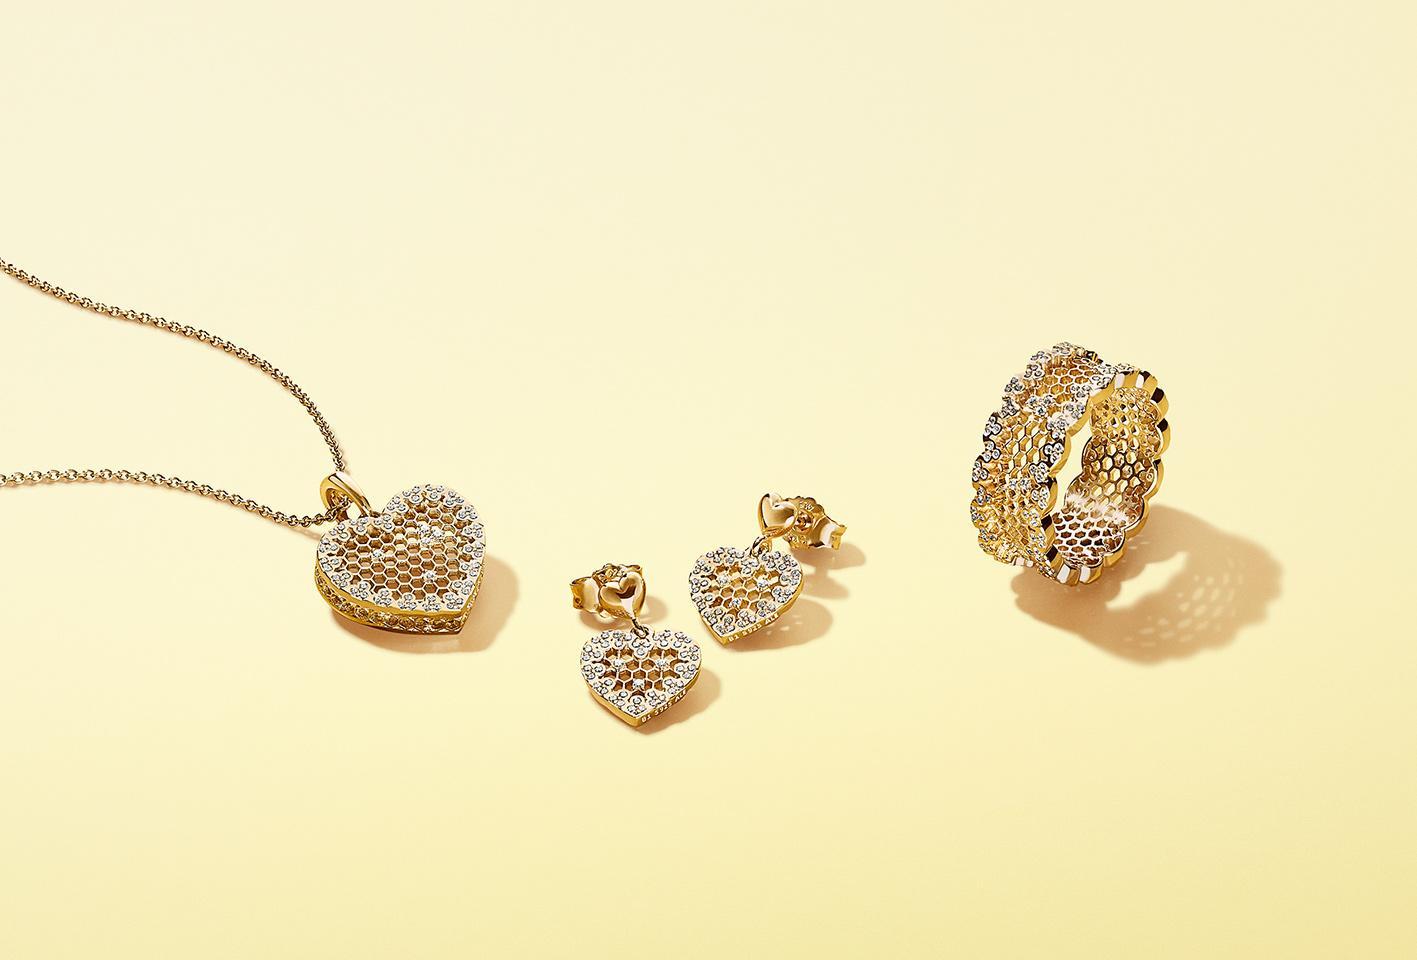 Μάς άρεσε πολύ το δαχτυλίδι-στέμμα καθώς και το δαχτυλίδι με το διακριτικό  σήμα κατατεθέν της συλλογής bb1afa60c92